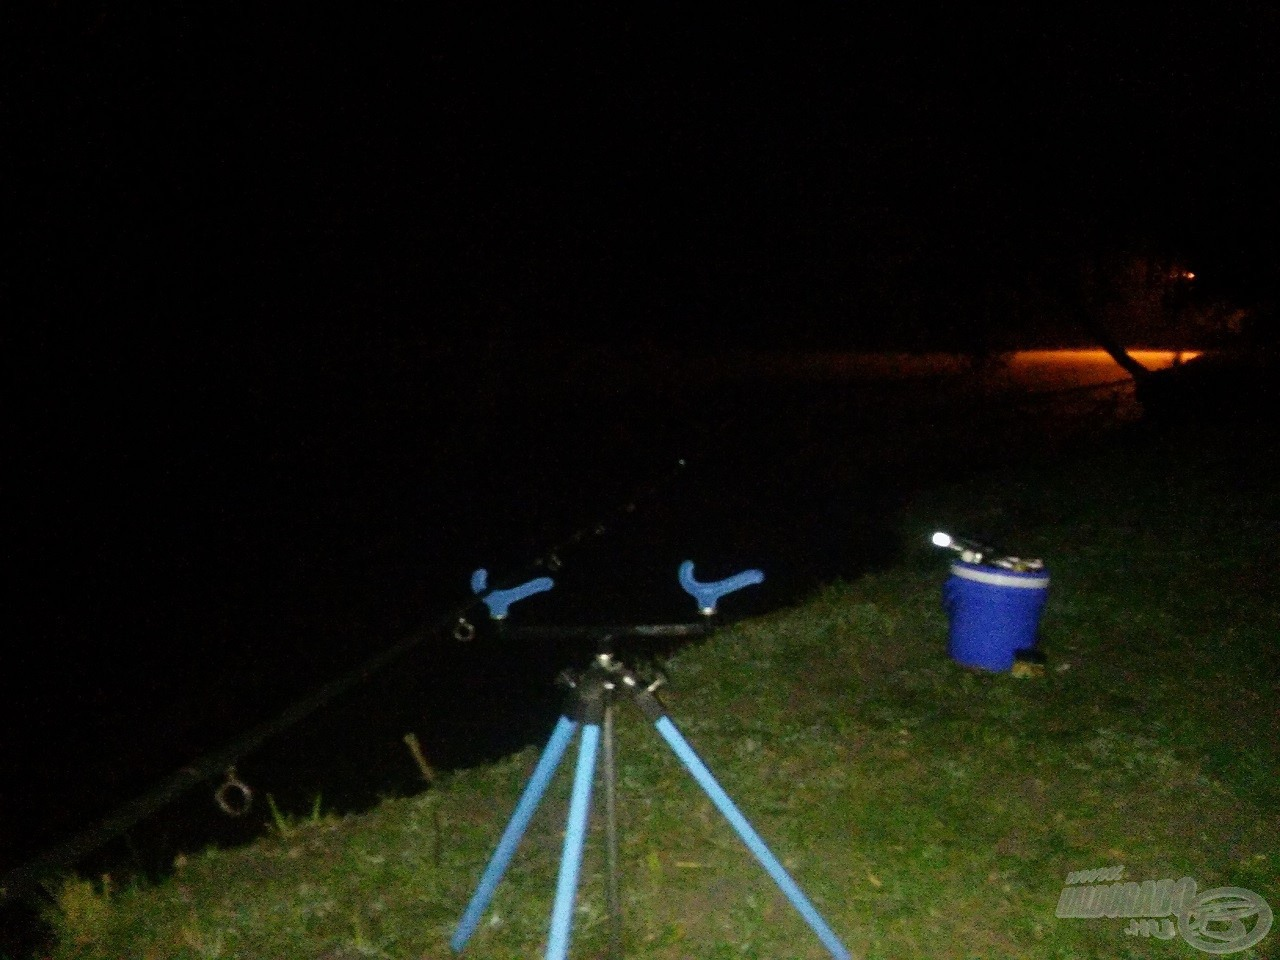 Kezdődhetett az éjszakai horgászat, mely nem volt betervezve